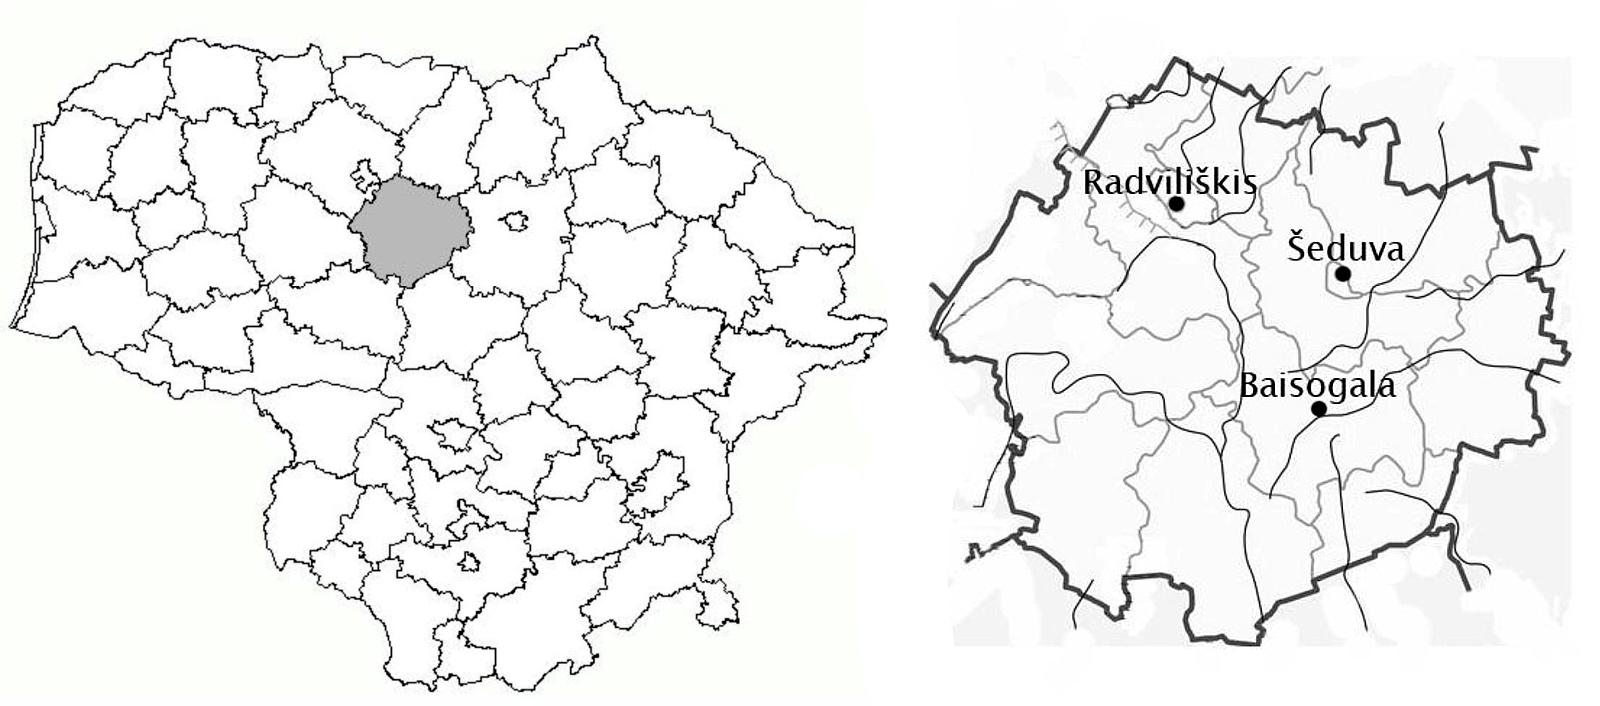 1 pav. Radviliškio rajonas (kairėje), Radviliškio, Šeduvos mst. ir Baisogalos mstl. (dešinėje)